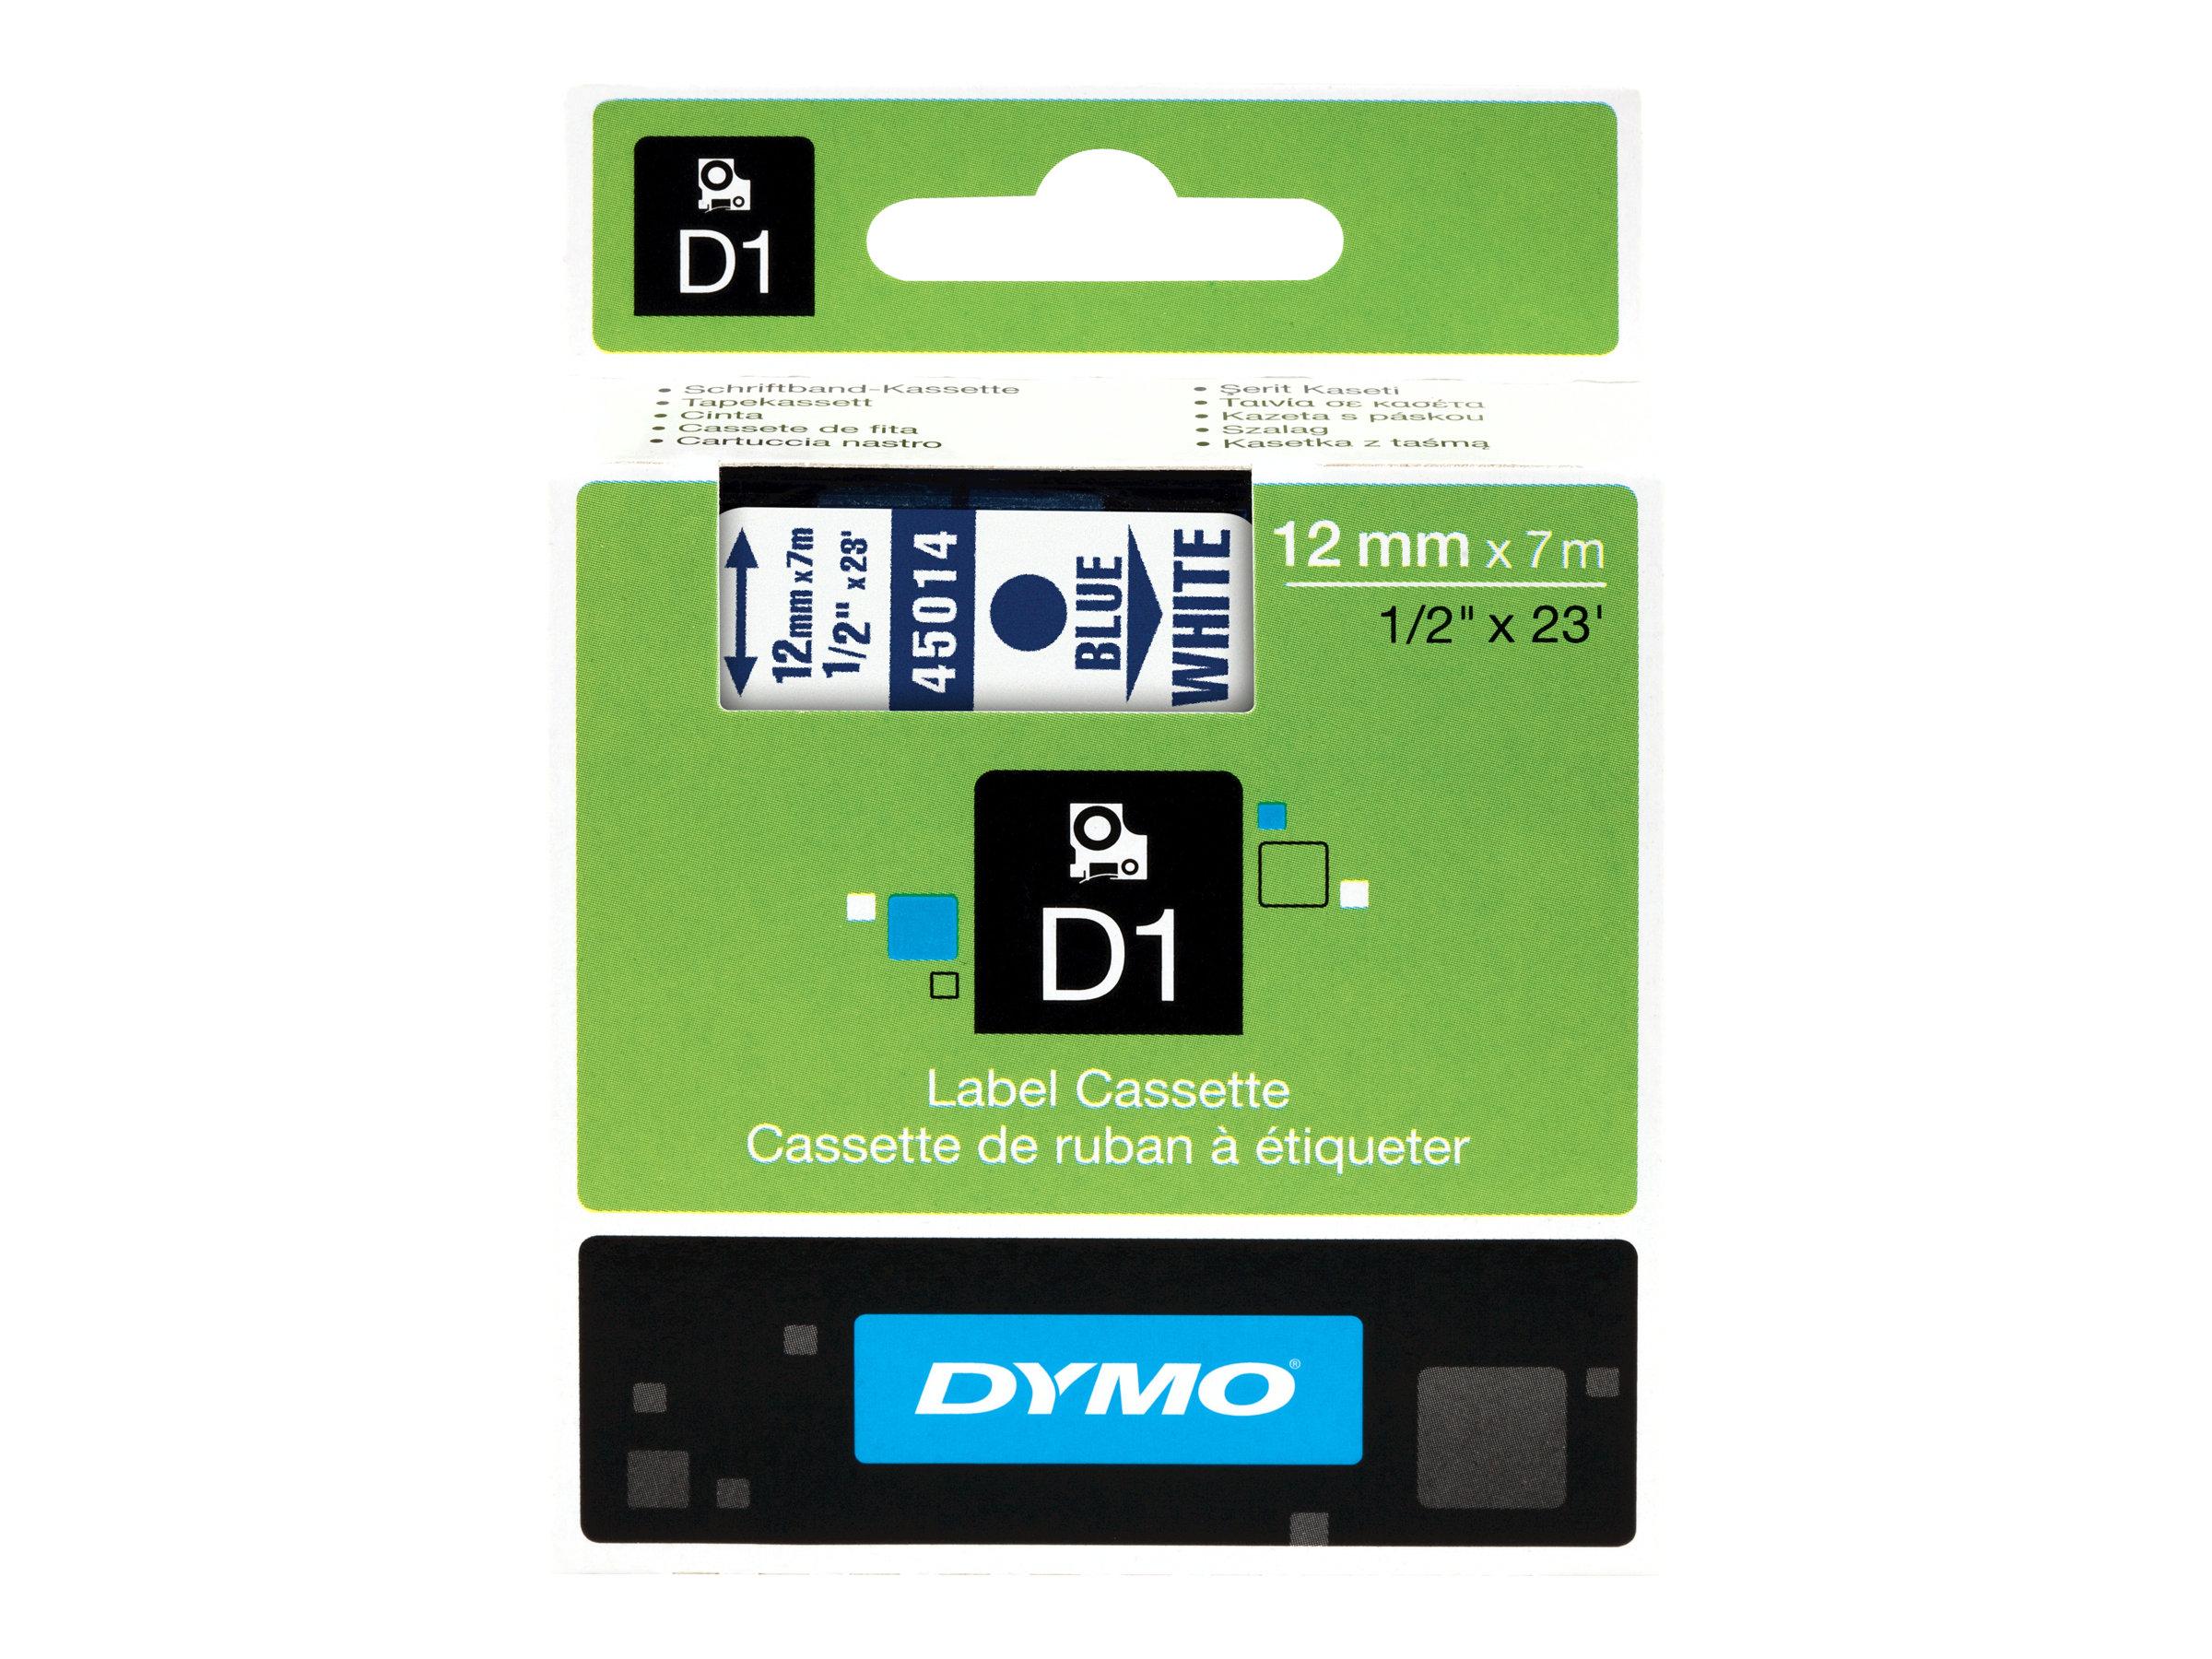 DYMO D1 - Selbstklebend - blau auf weiss - Rolle (1,2 cm x 7 m) 1 Rolle(n) Etikettenband - für LabelMANAGER 100, 160, 210, 220,